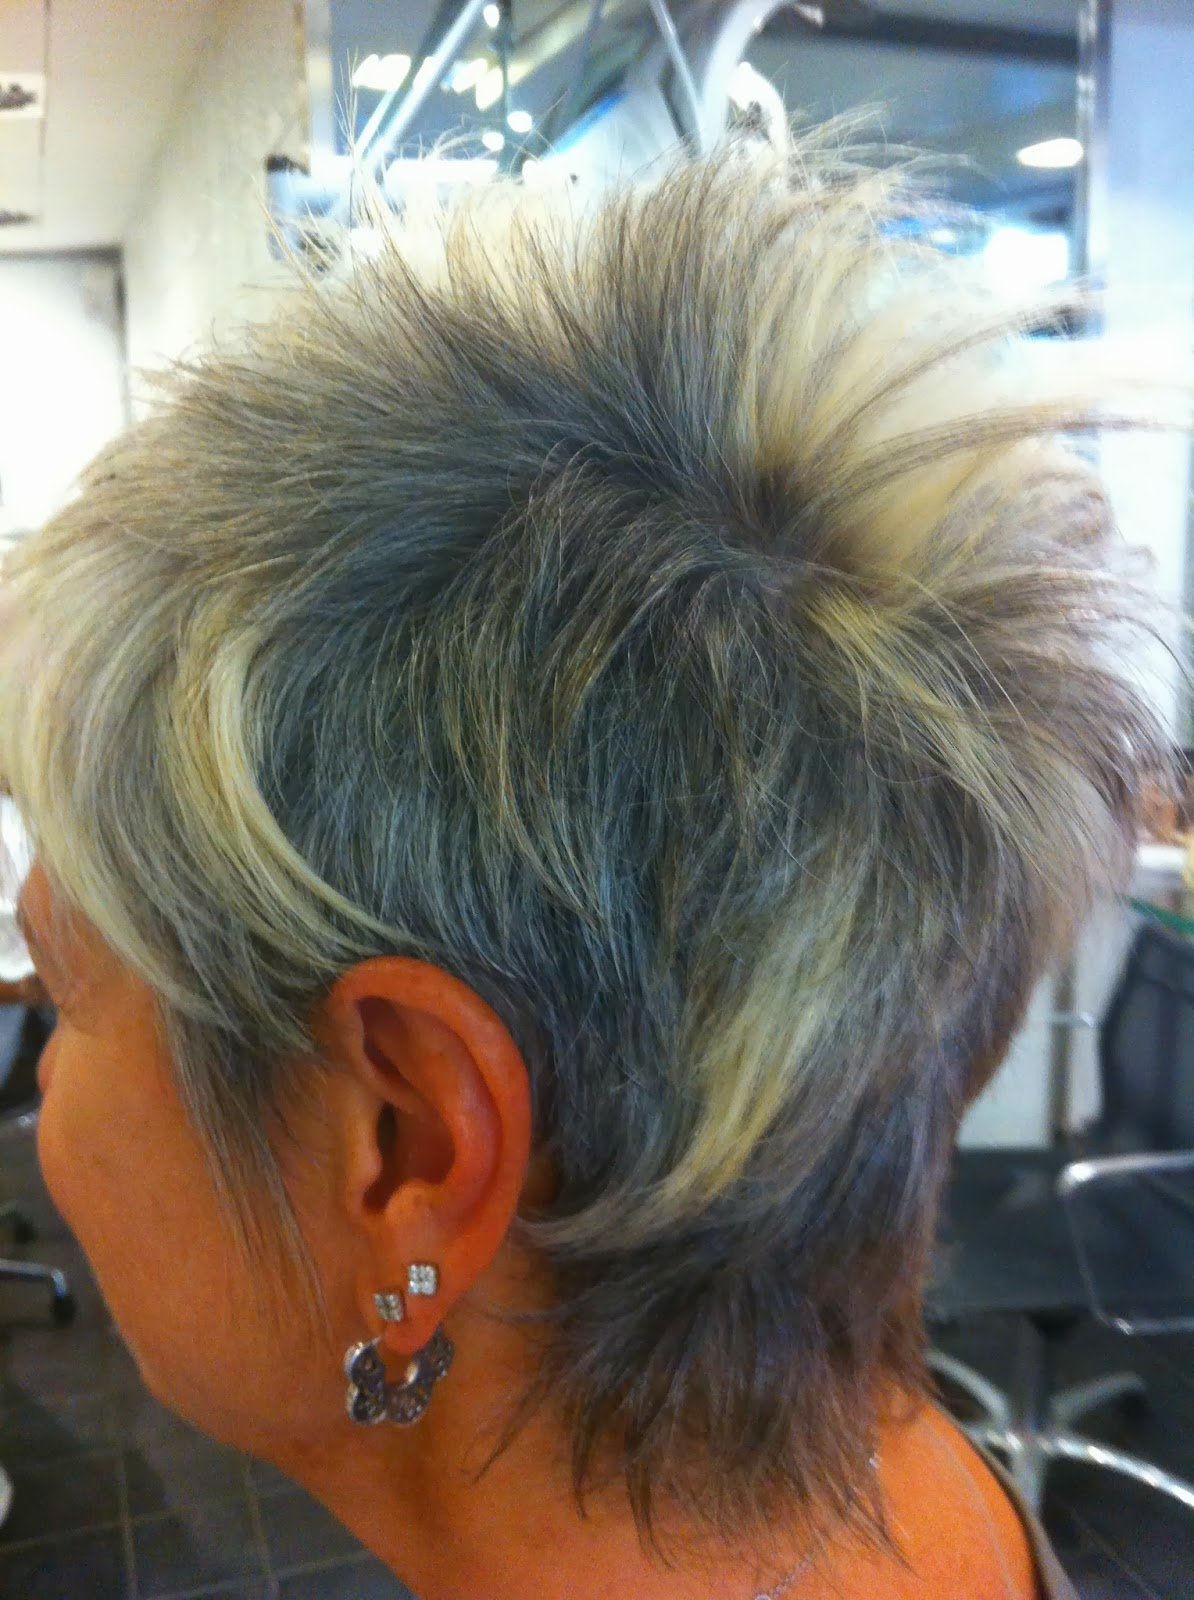 Come si può rinunciare a tingere i capelli bianchi  Com è possibile  superare colorazioni obsolete e fané ed accettare di sfoggiare chiome  canute  f7e95d8d4520